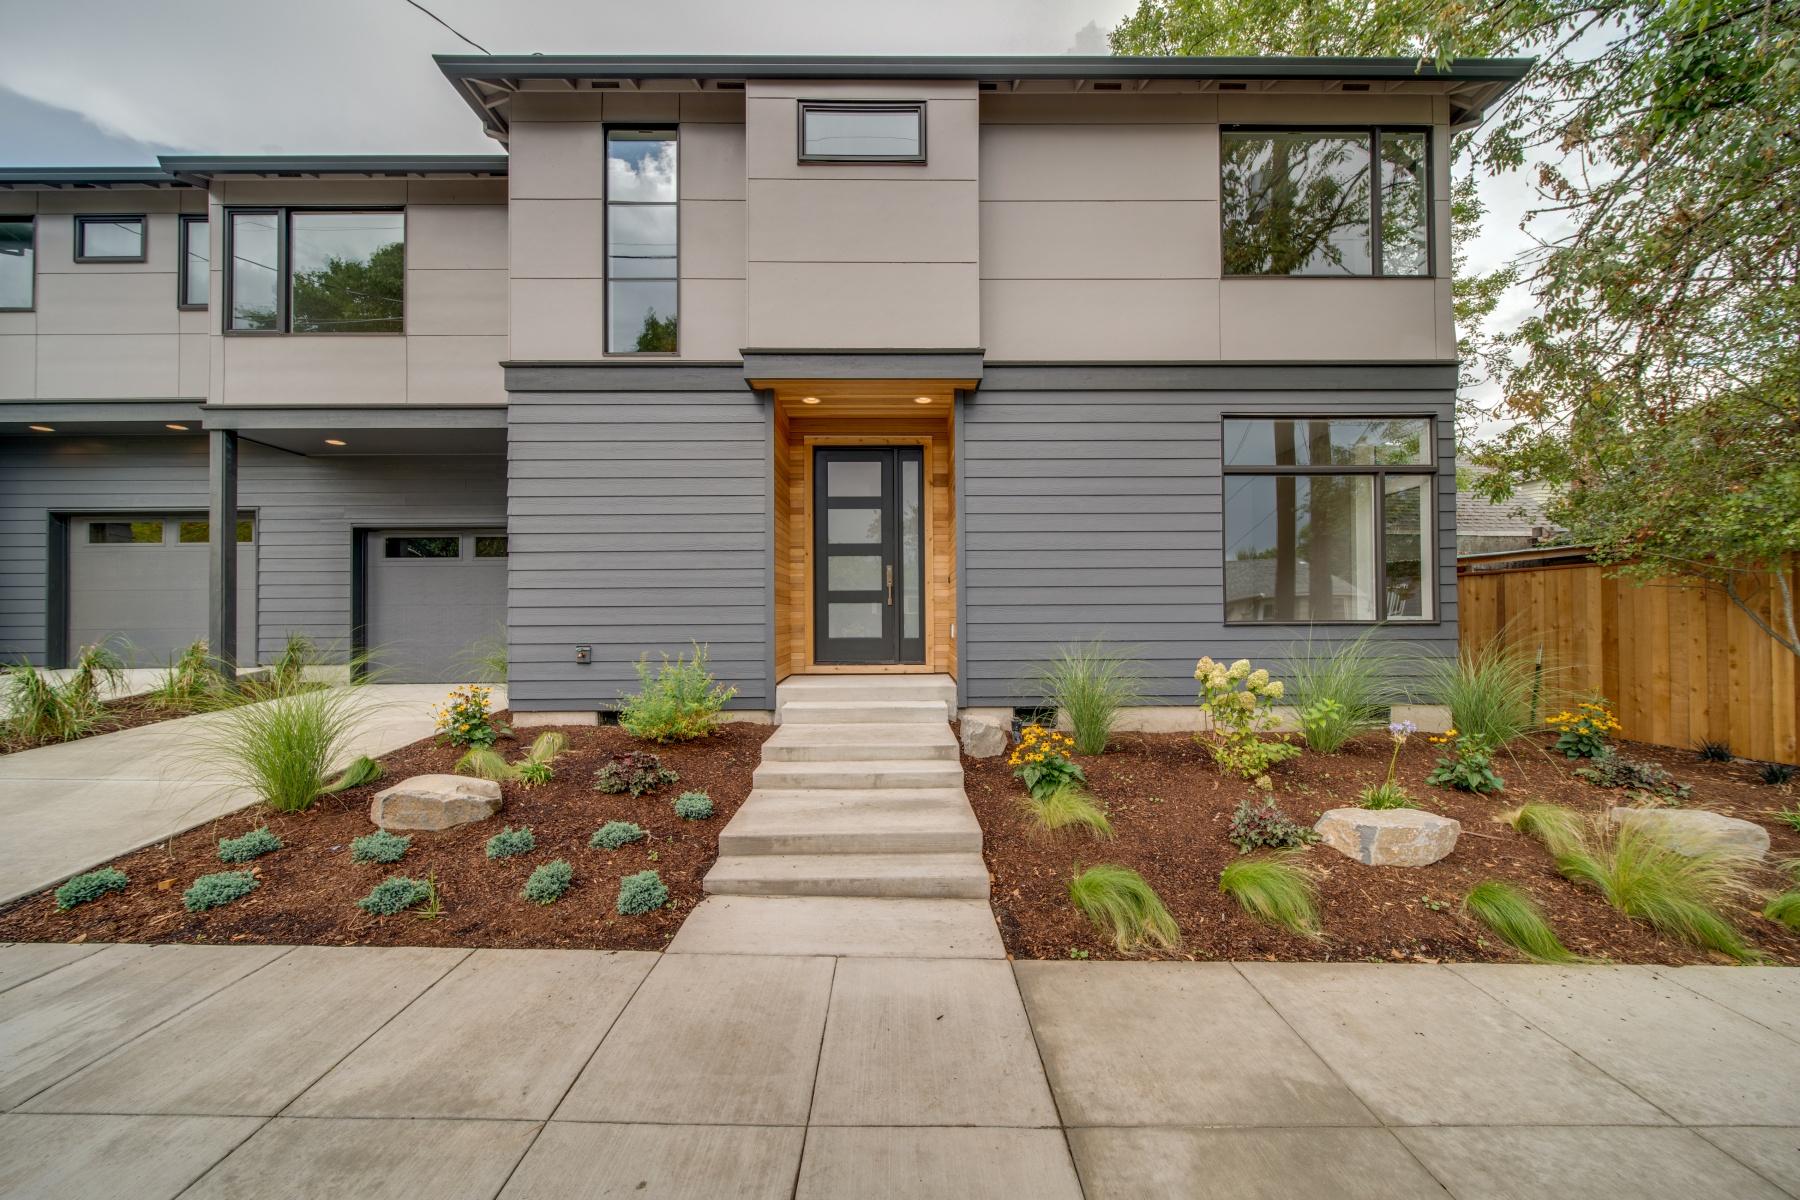 Eensgezinswoning voor Verkoop op Gorgeous Townhome in Great SE Portland Neighborhood 2115 SE Lambert AVE, Portland, Oregon 97202 Verenigde Staten